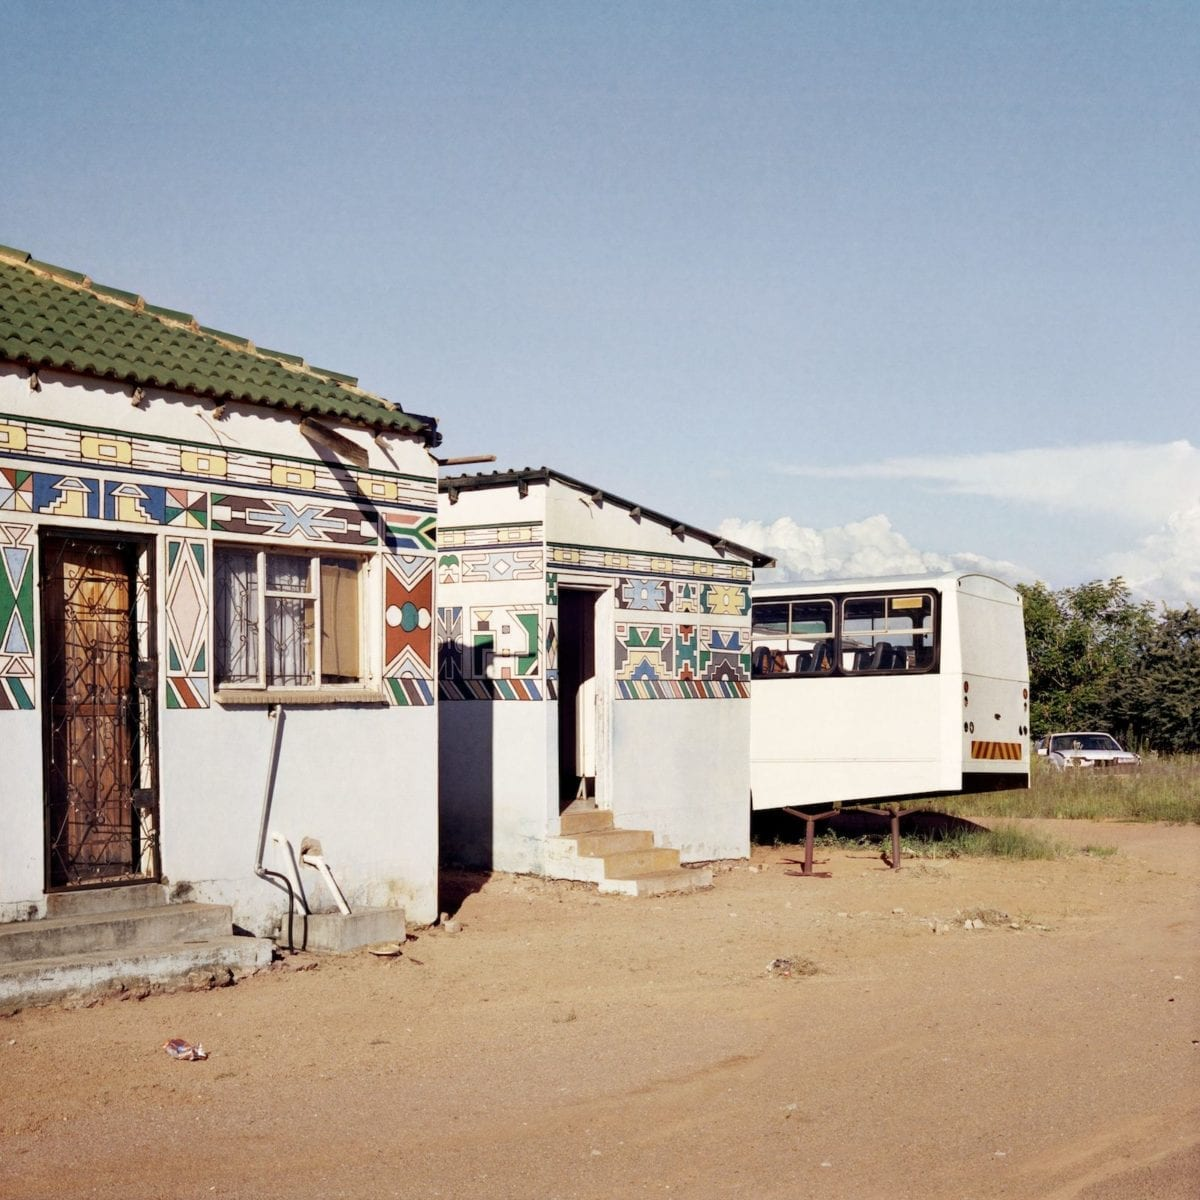 Homeland, Ndeble Art with New South African Flag, Siyabuswa, Former Kwandebele, 2011